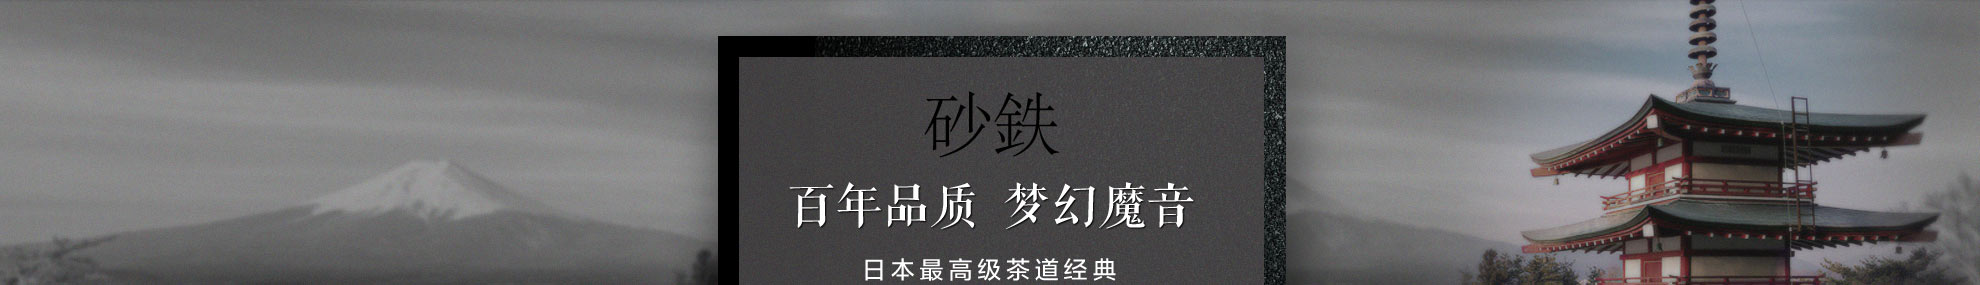 砂鐵壺介紹